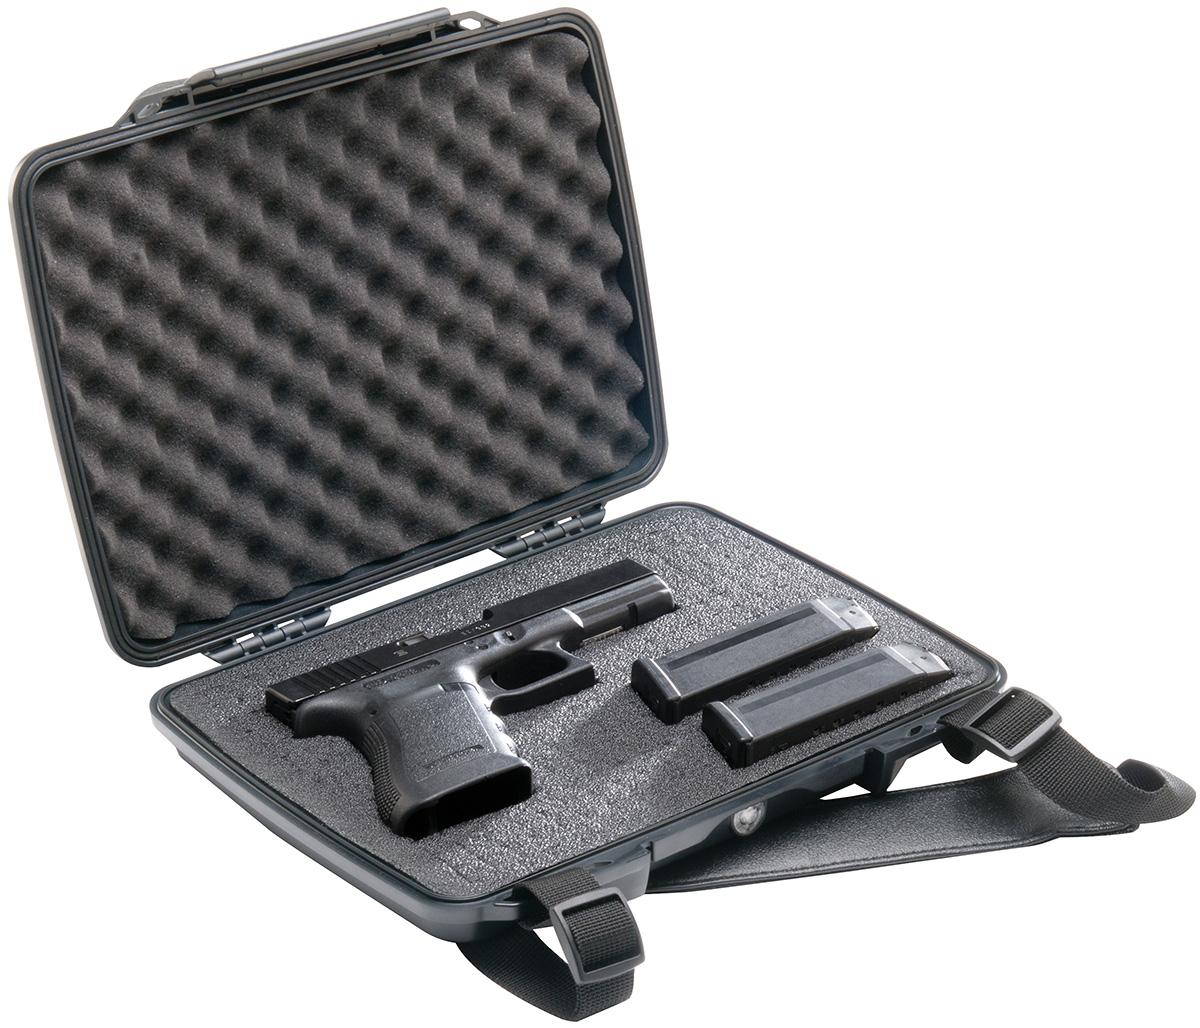 pelican peli products P1075 hard pistol gun waterproof case